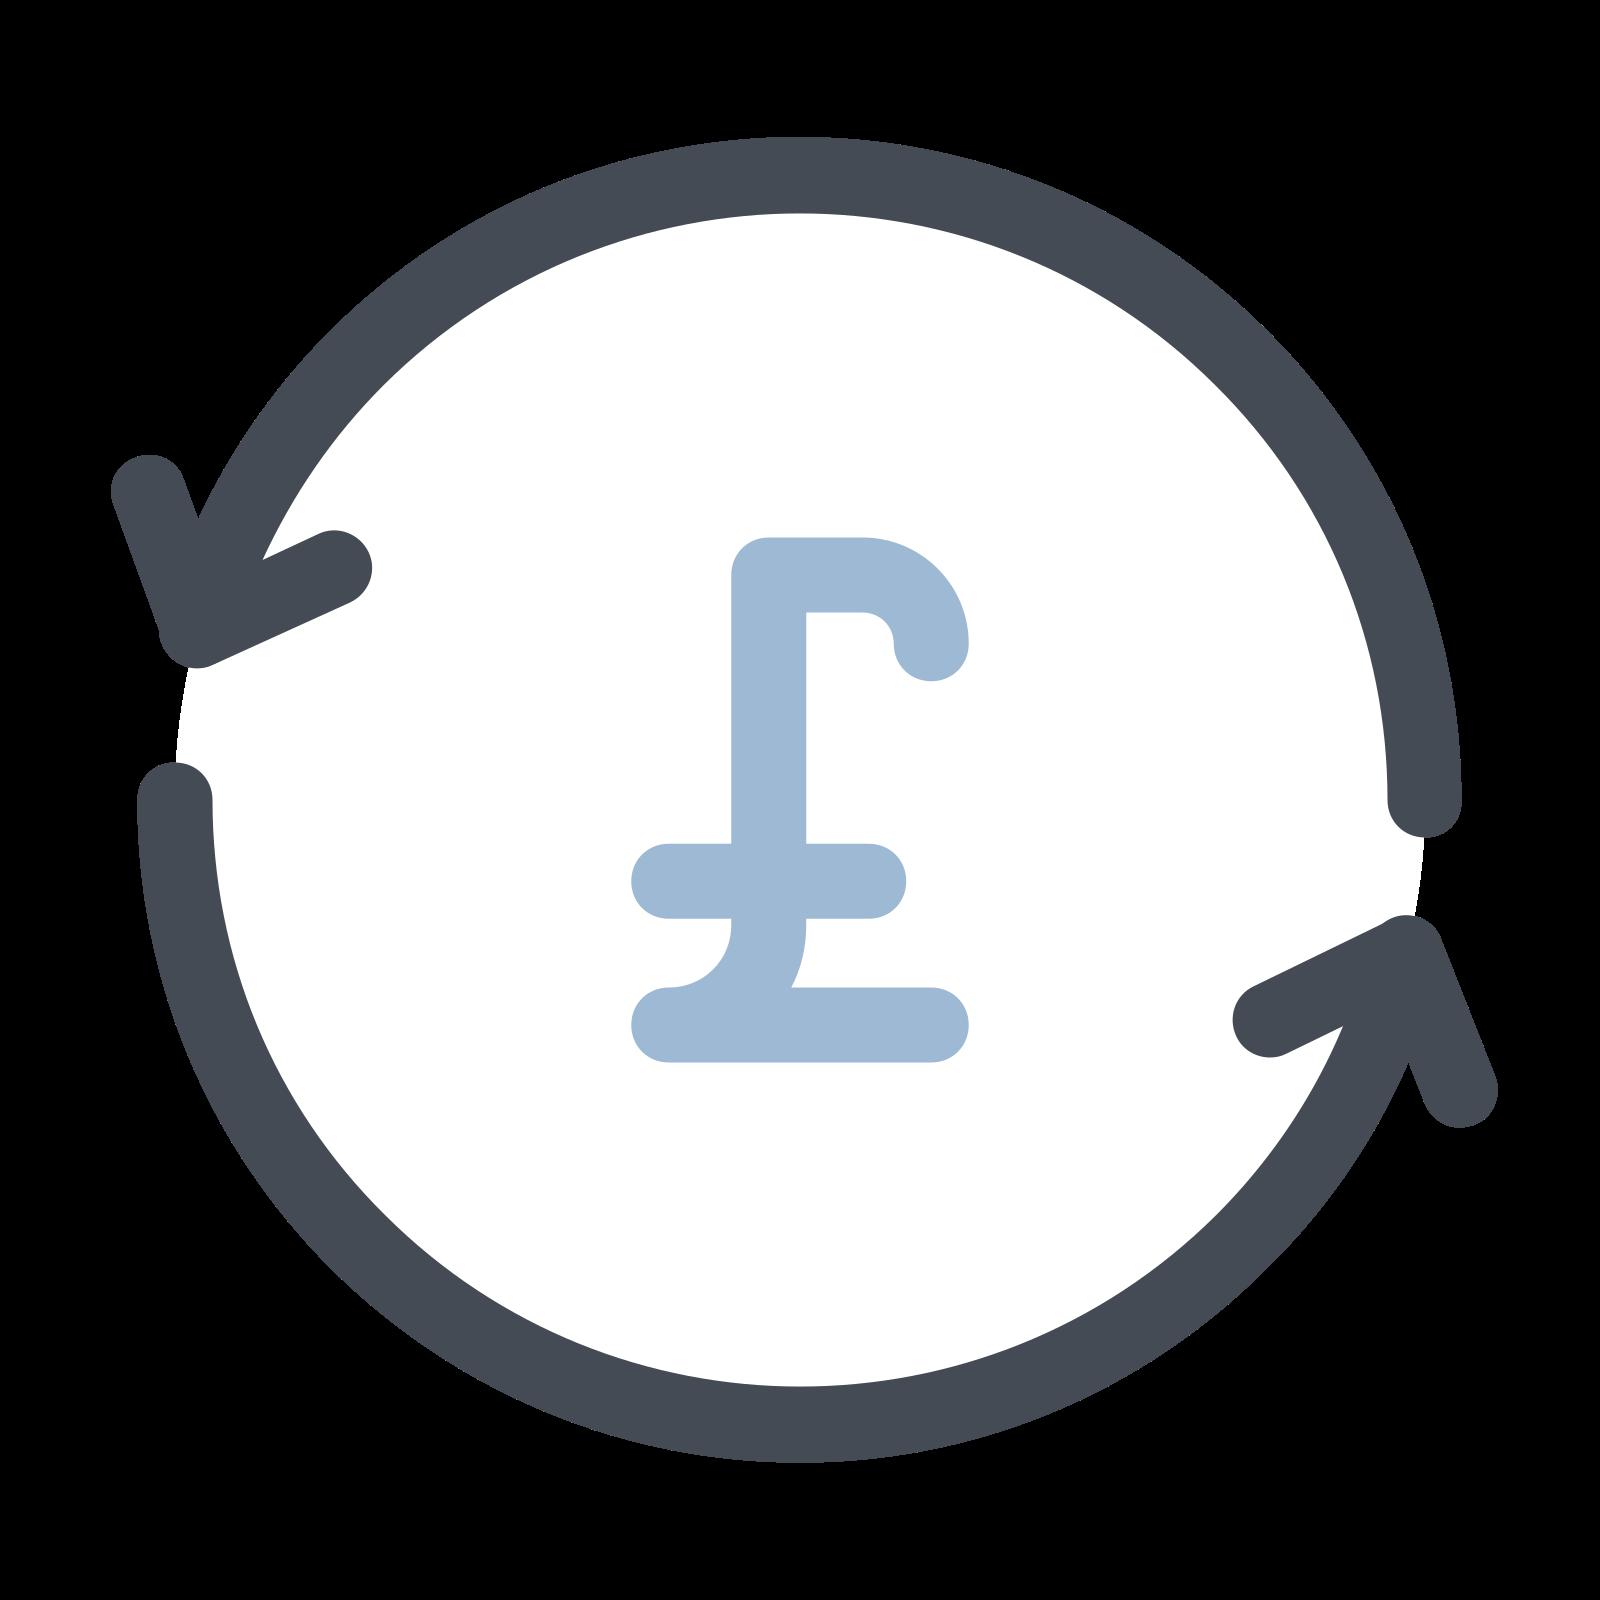 Exchange Pound icon